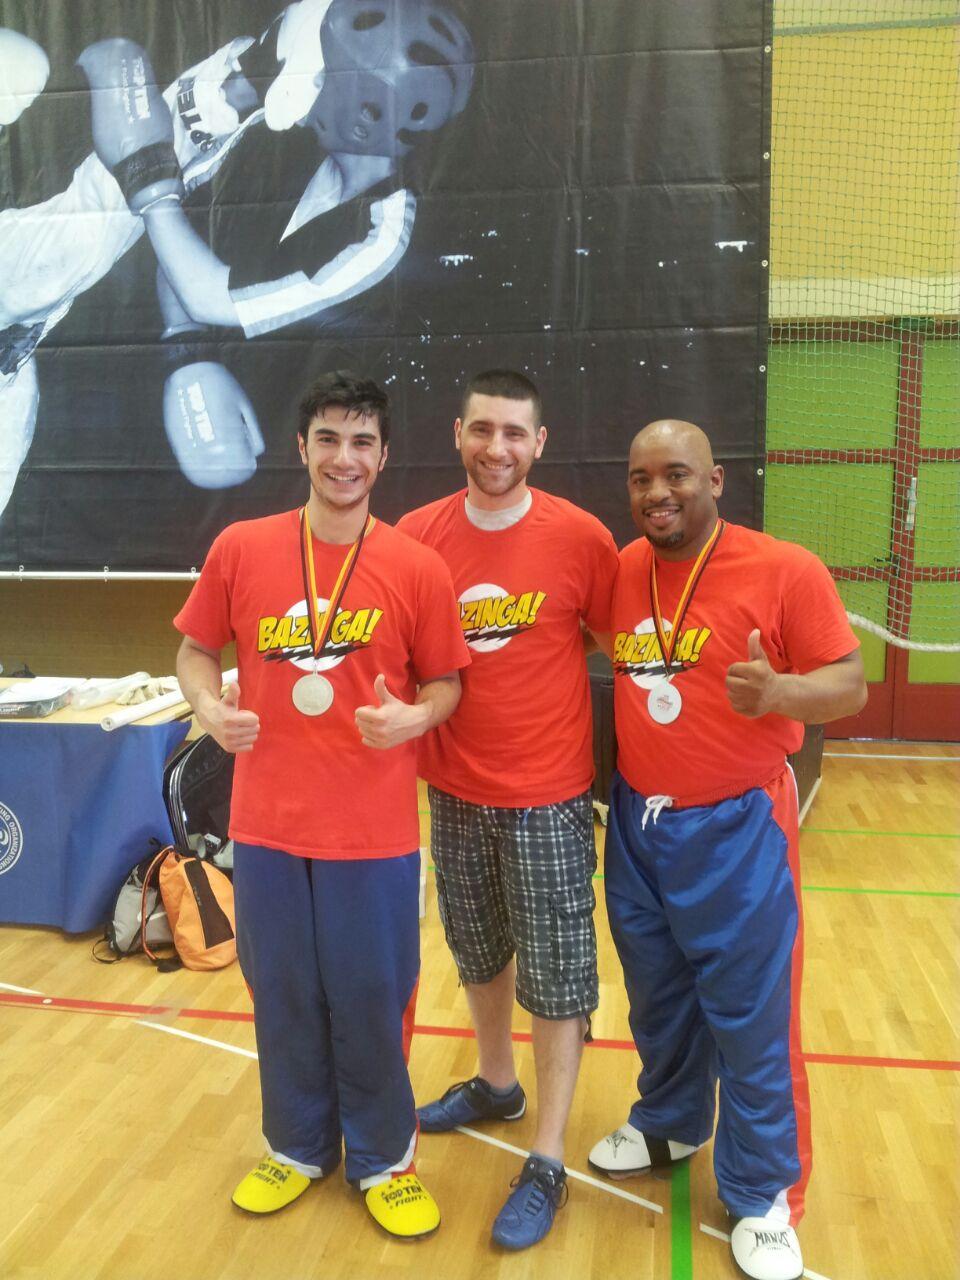 2-Mal Silber bei der Deutschen Meisterschaft im Kickboxen  in Berlin